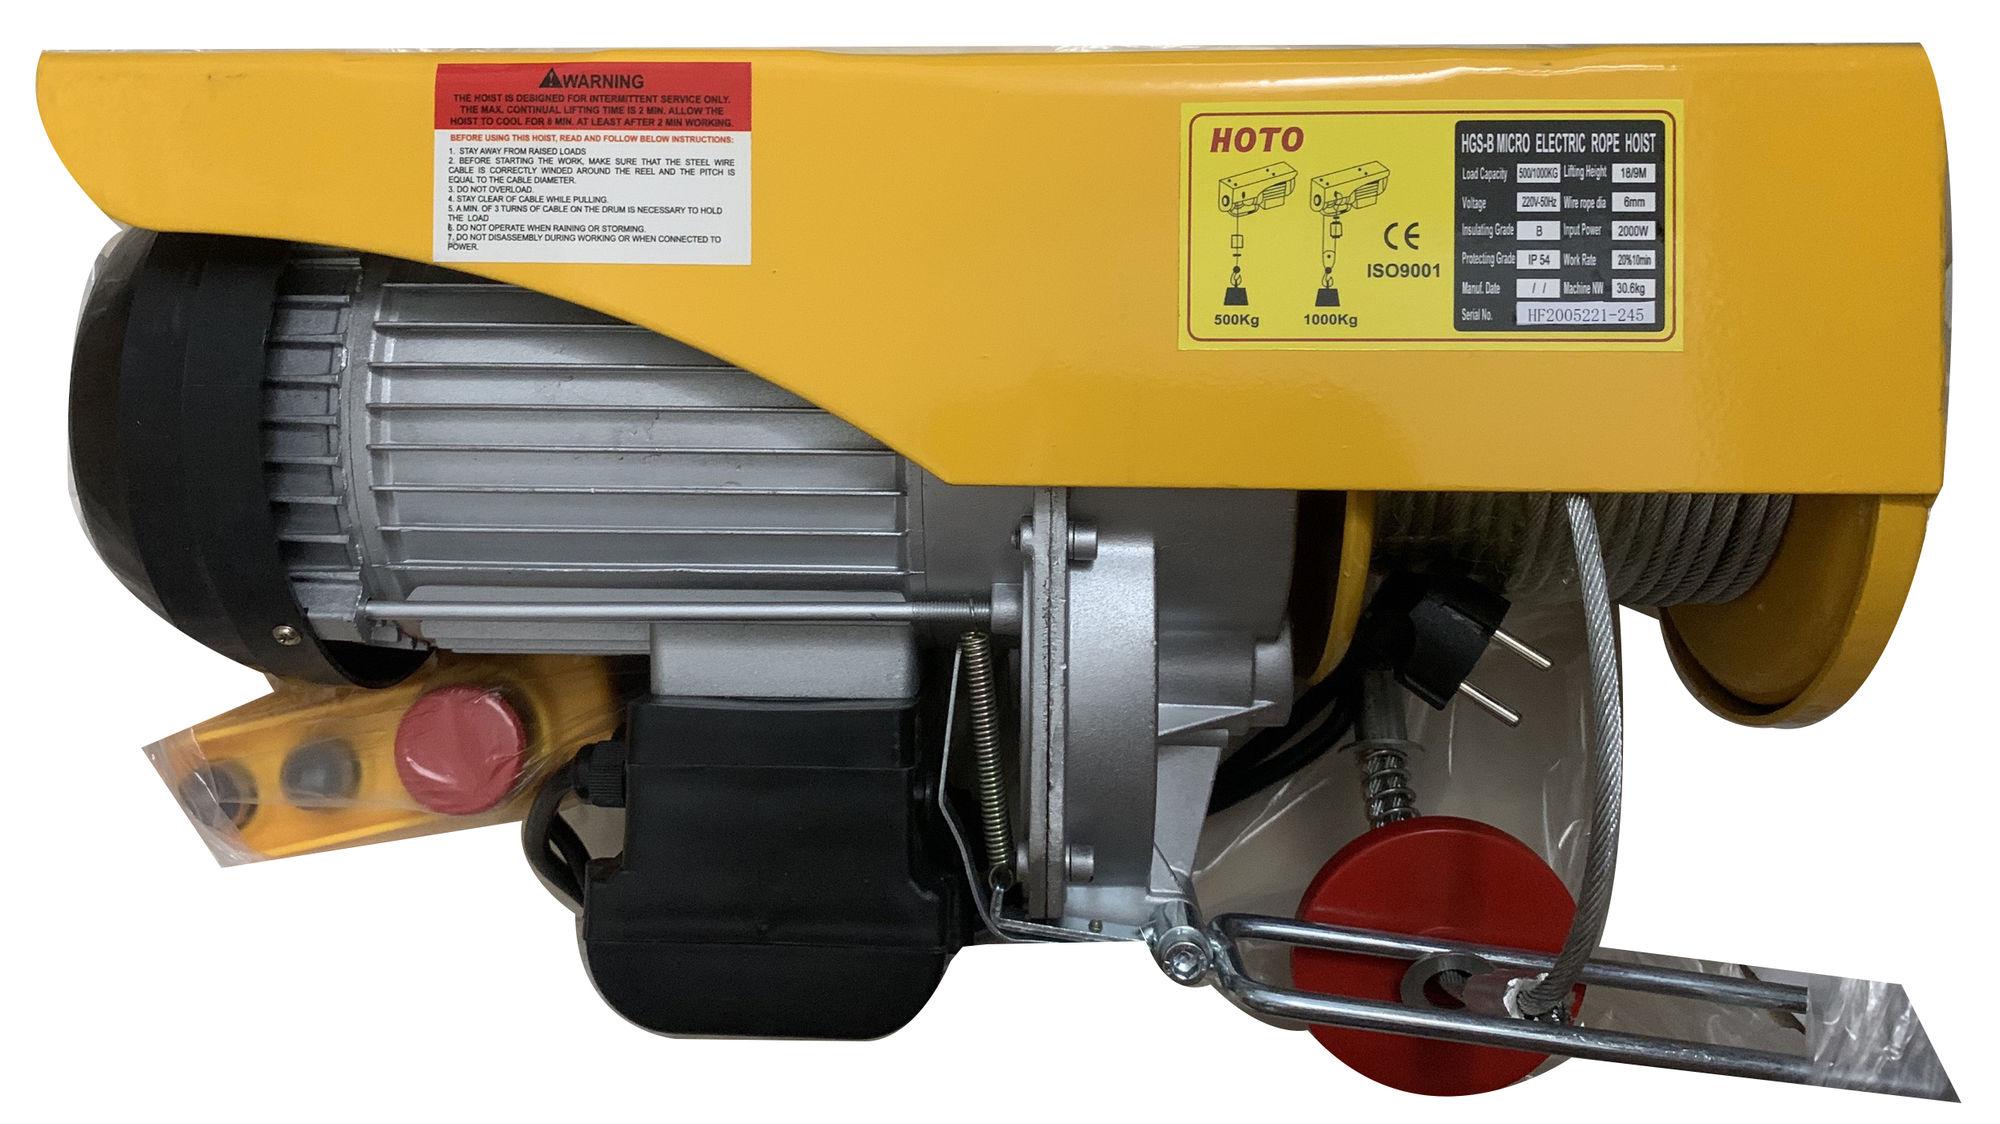 Tời điện Hoto PA 1200